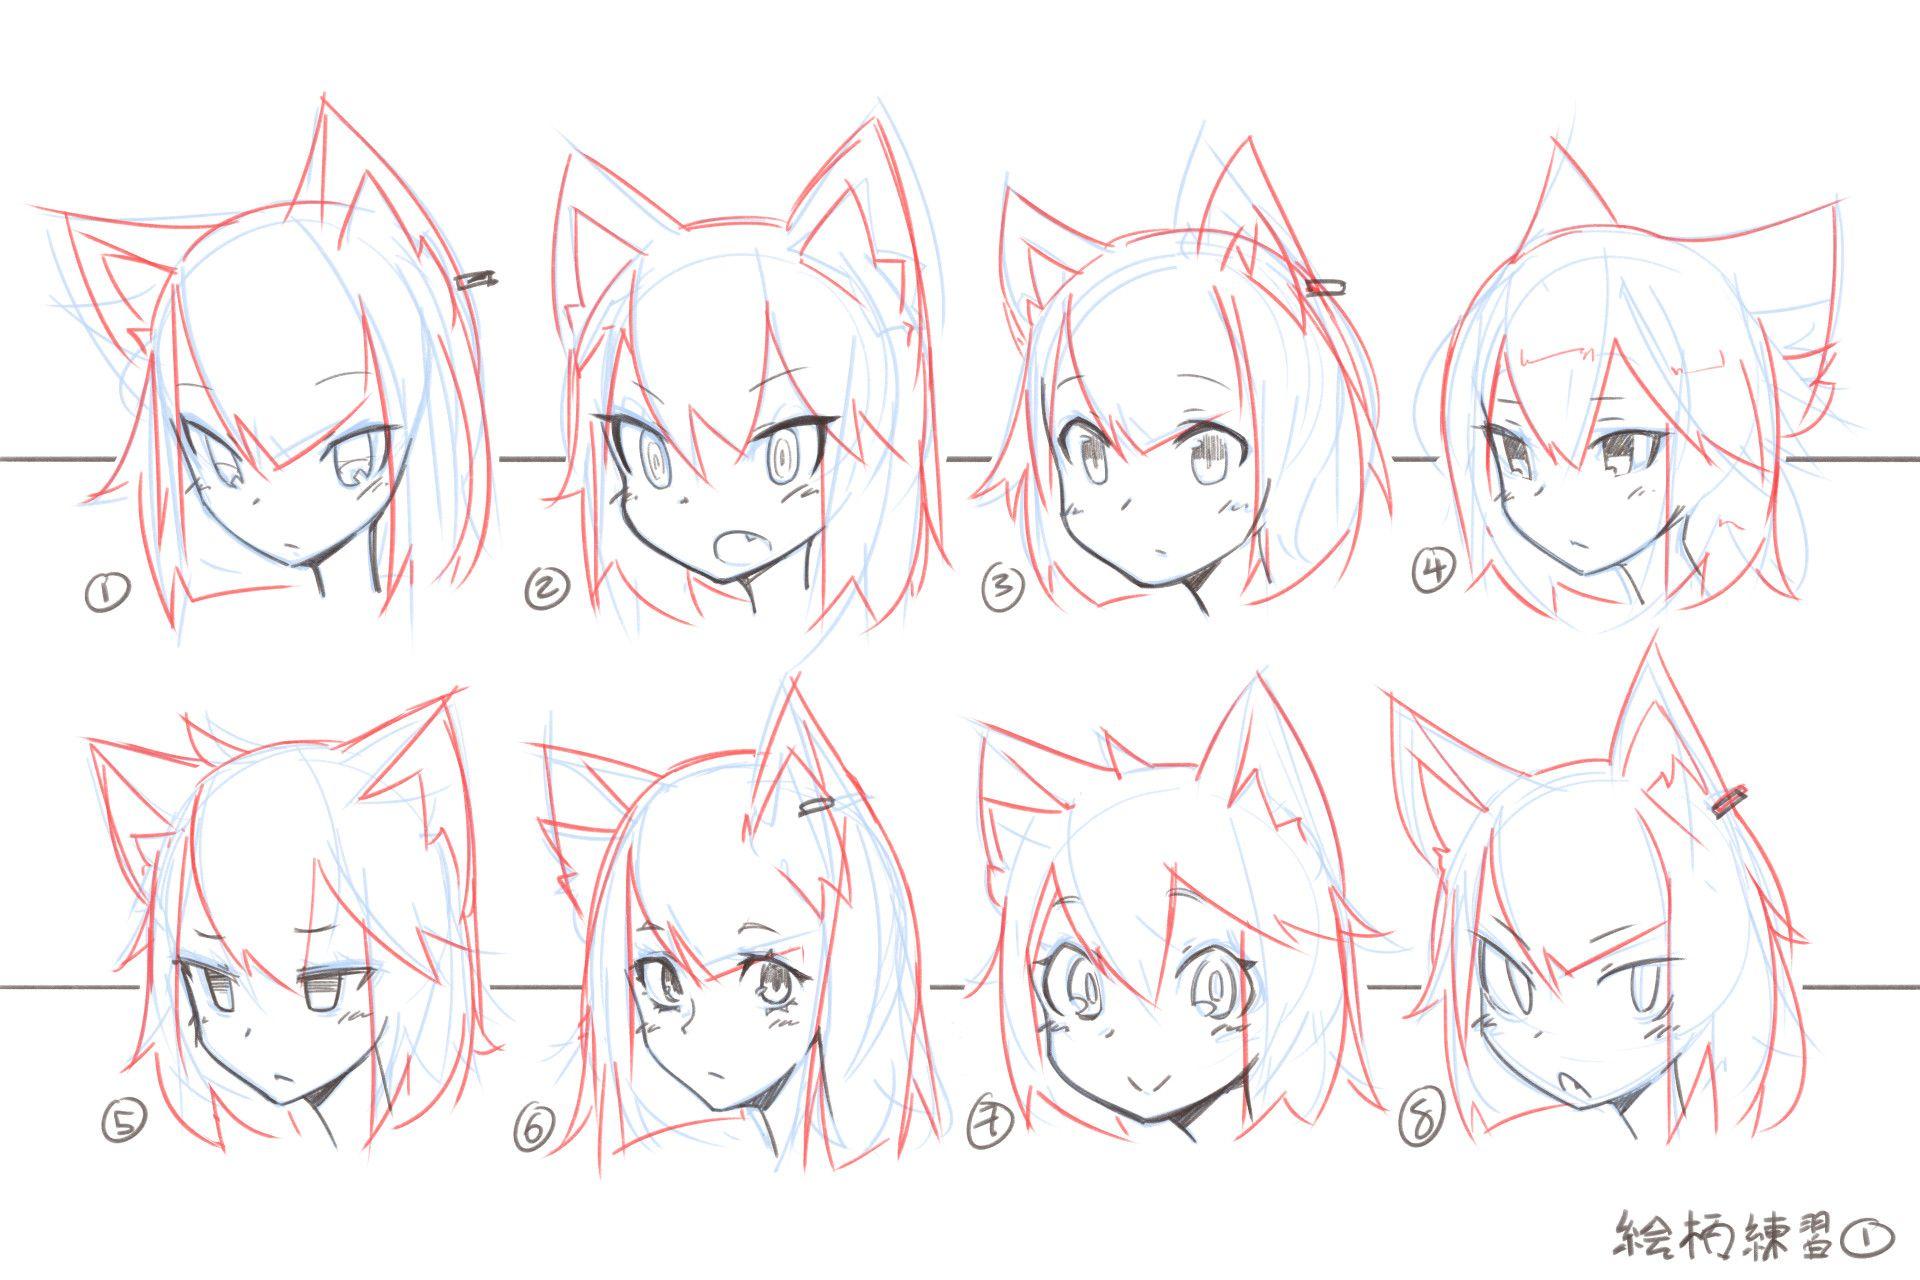 ArtStation - practice, Mendel Oh | Рисунки | Pinterest | Draw, Anime ...